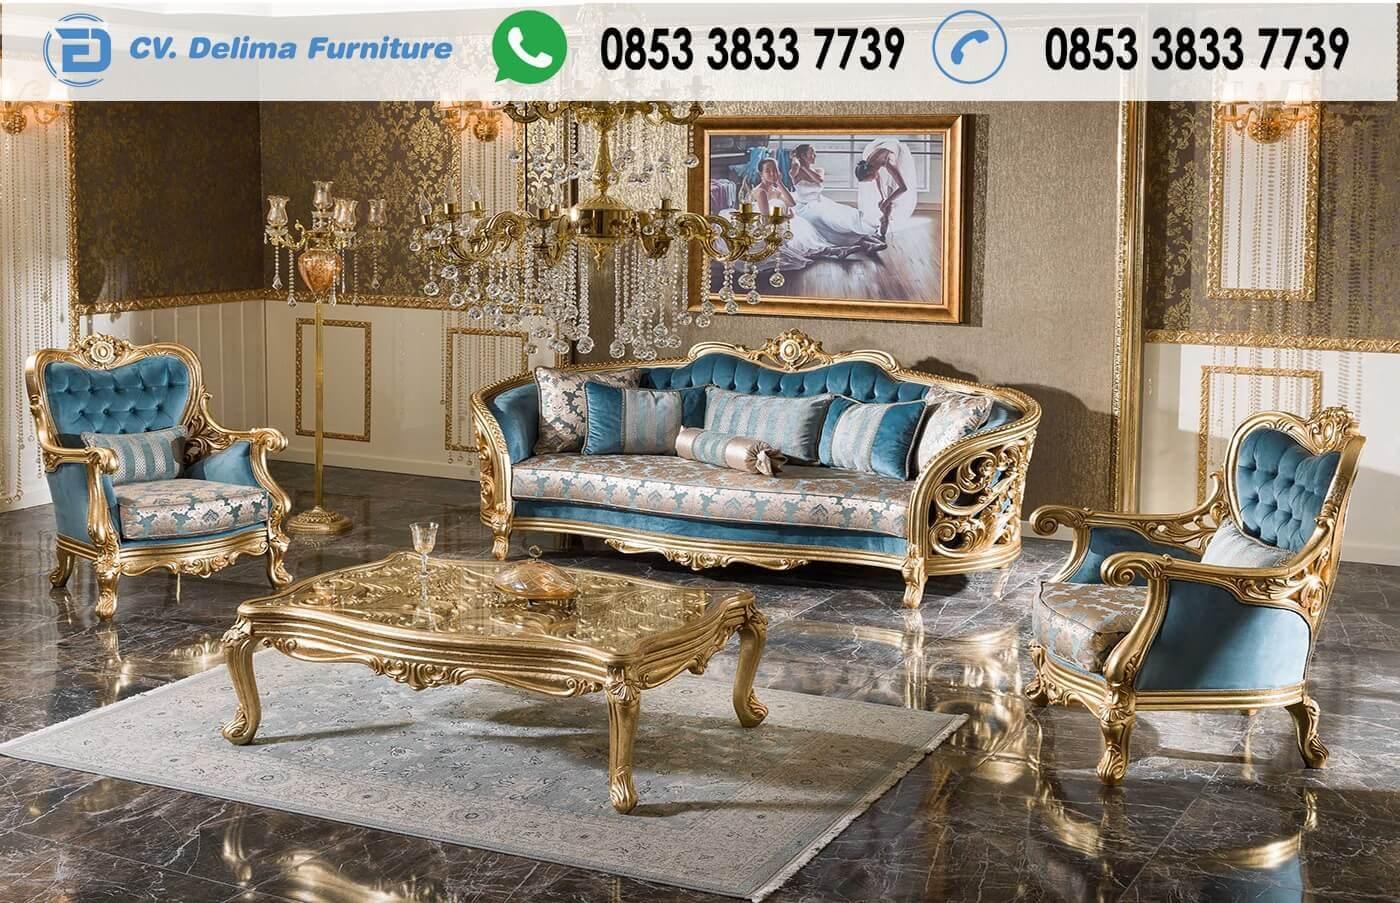 Jual Kursi Tamu Klasik Eropa Ukiran Gold